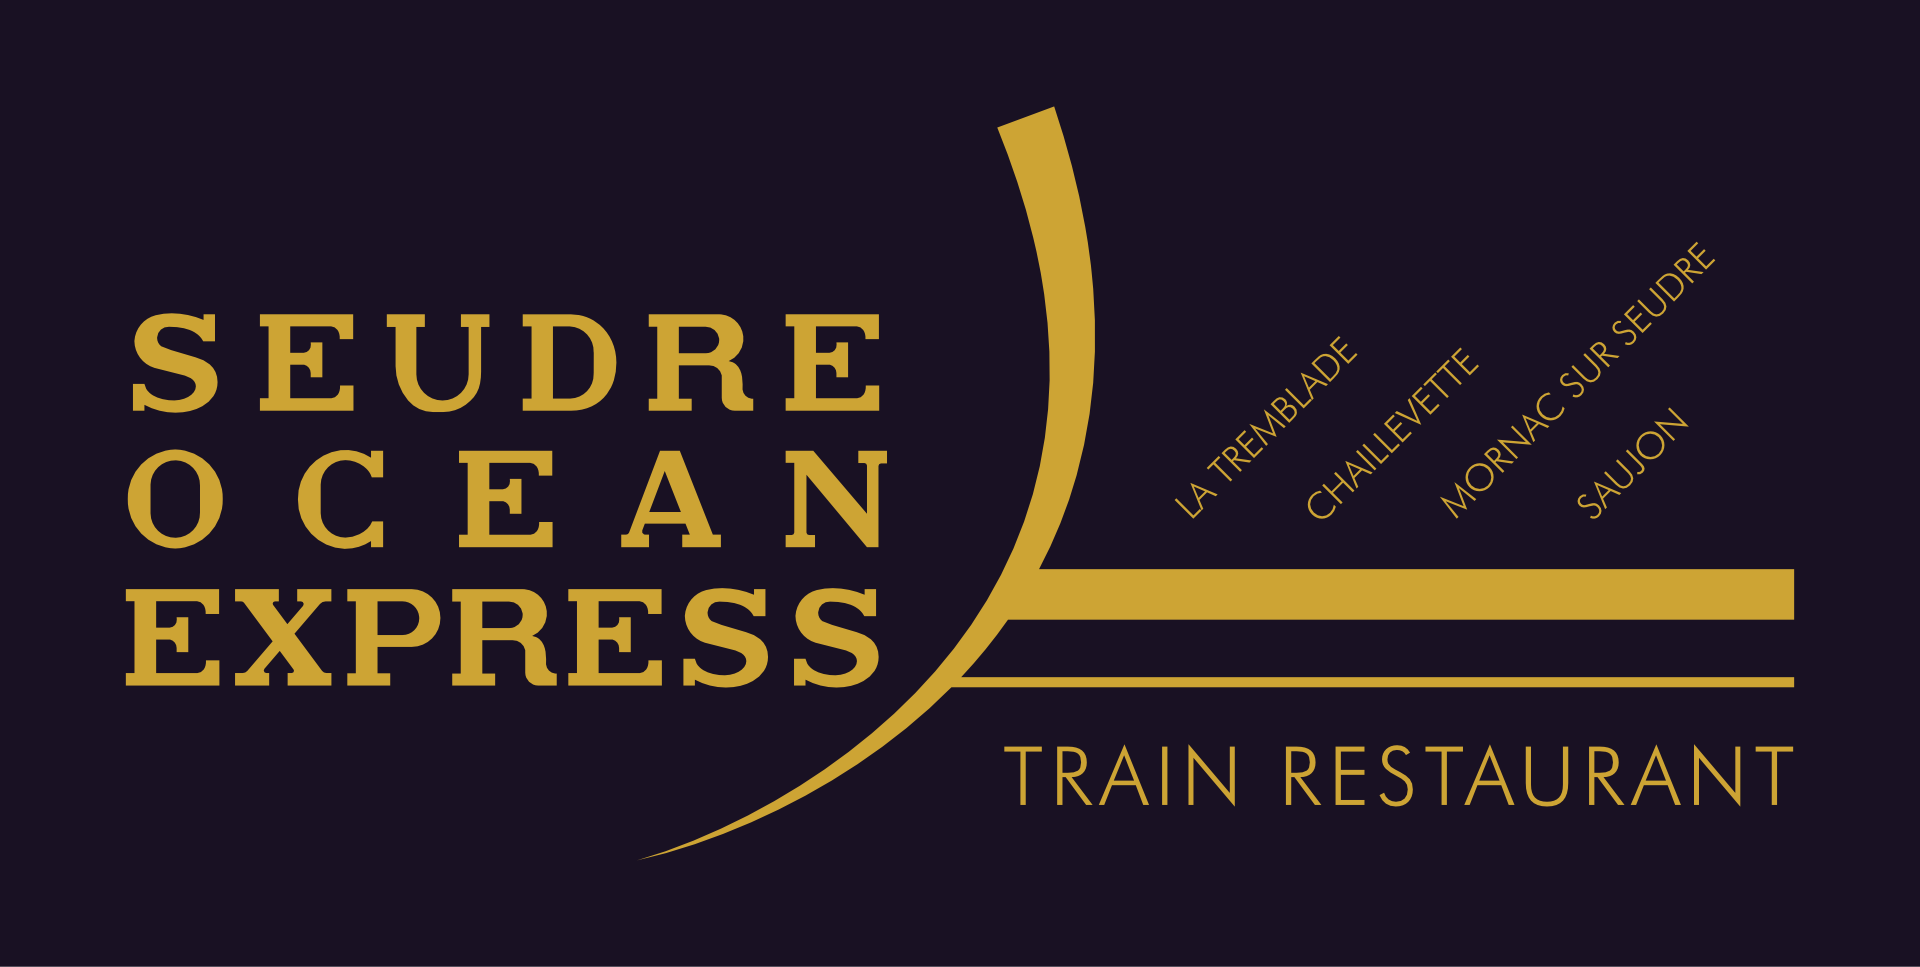 seudre-ocean-express-logo